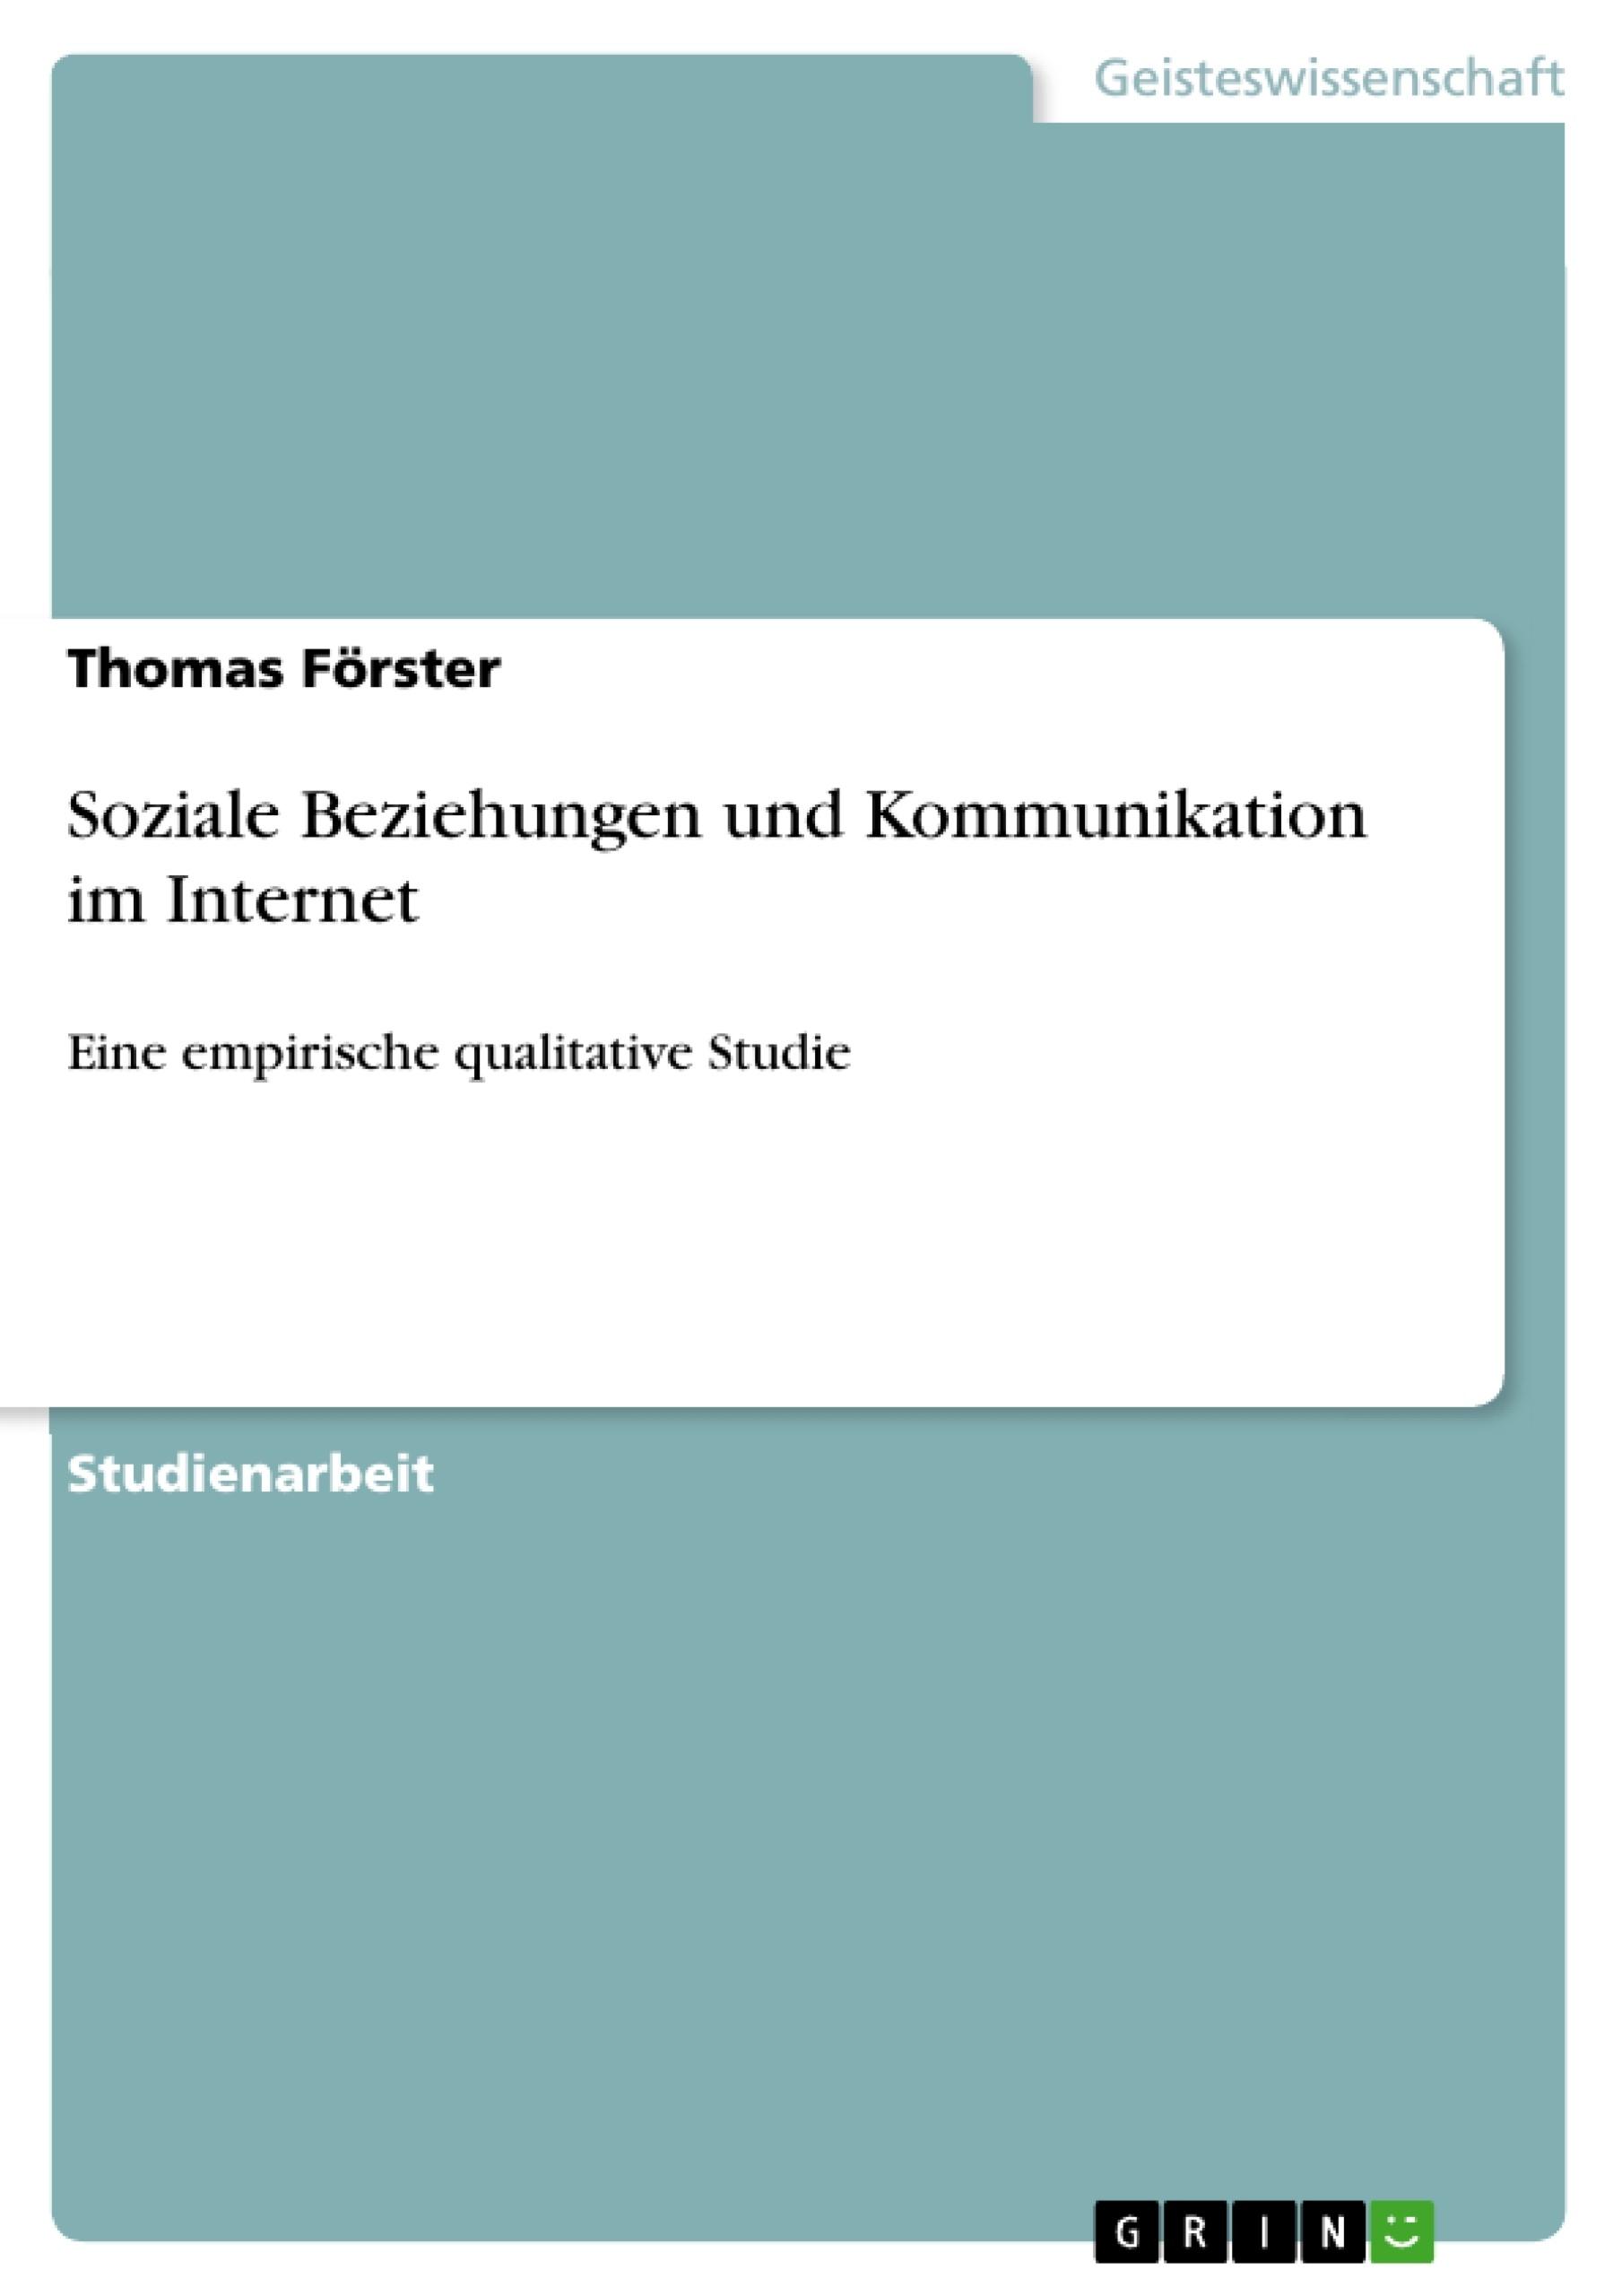 Titel: Soziale Beziehungen und Kommunikation im Internet